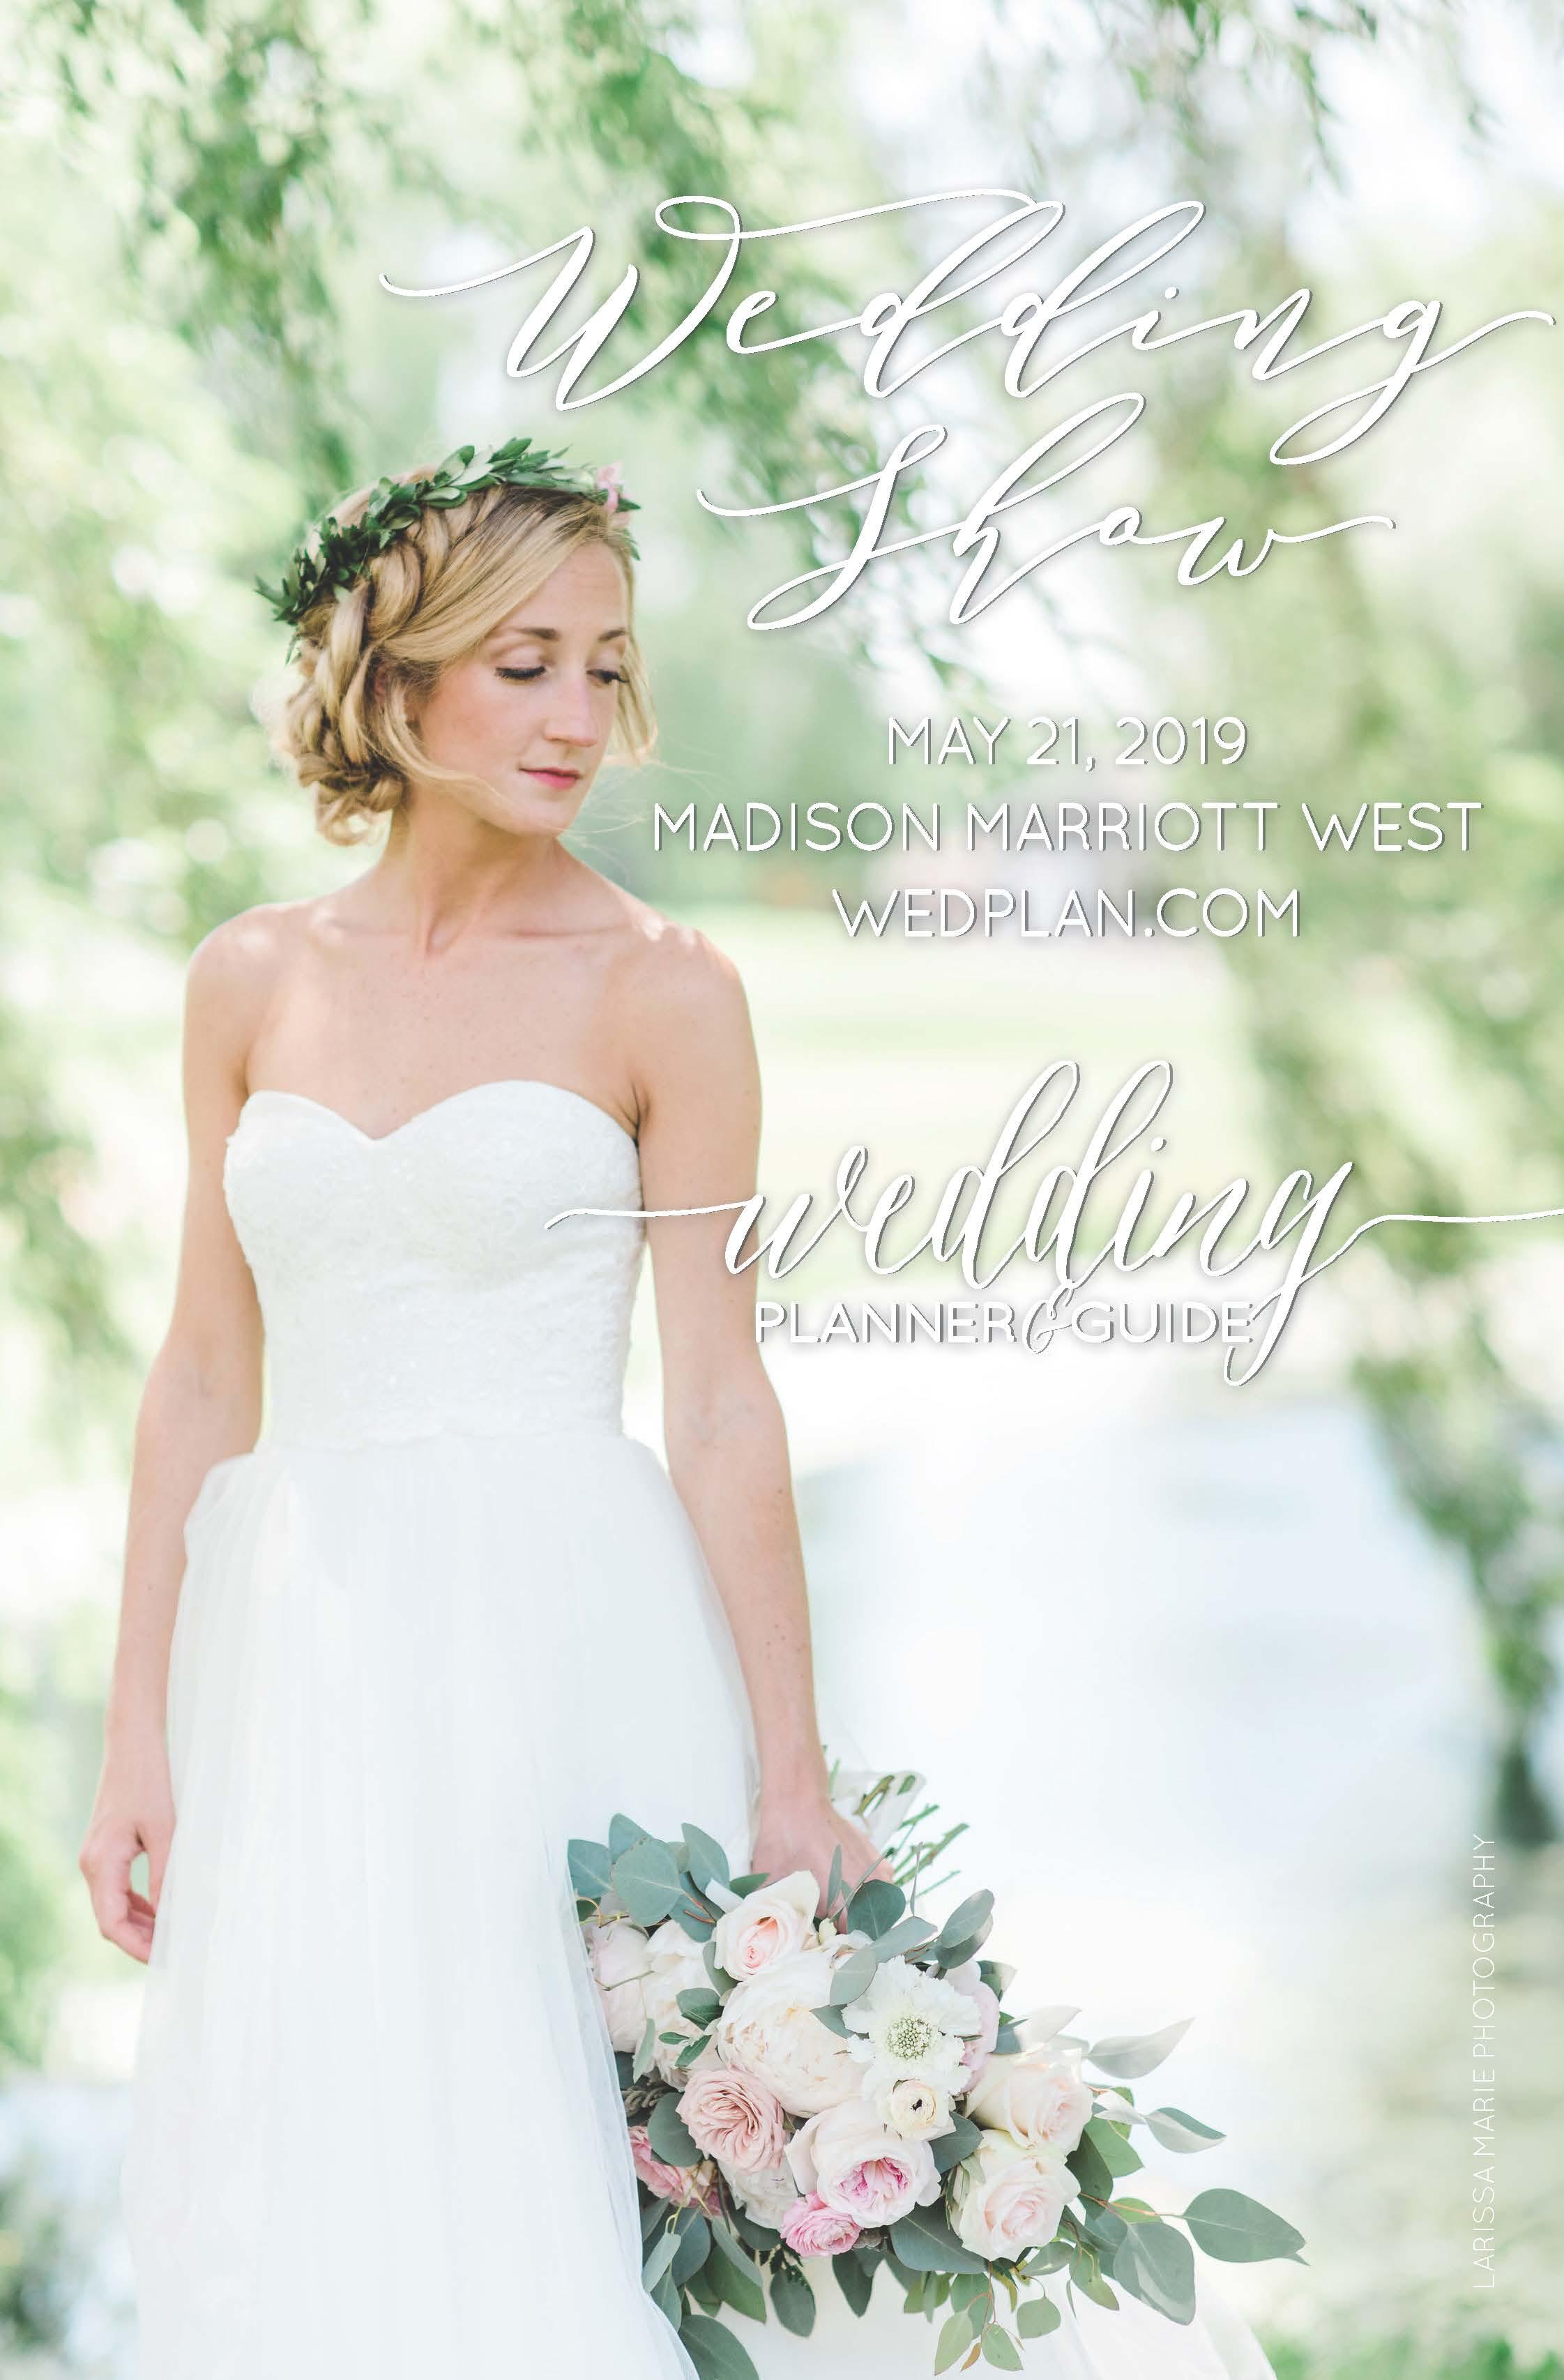 Wedding Planner & Guide's Spring Wedding Show | BRAVA Magazine